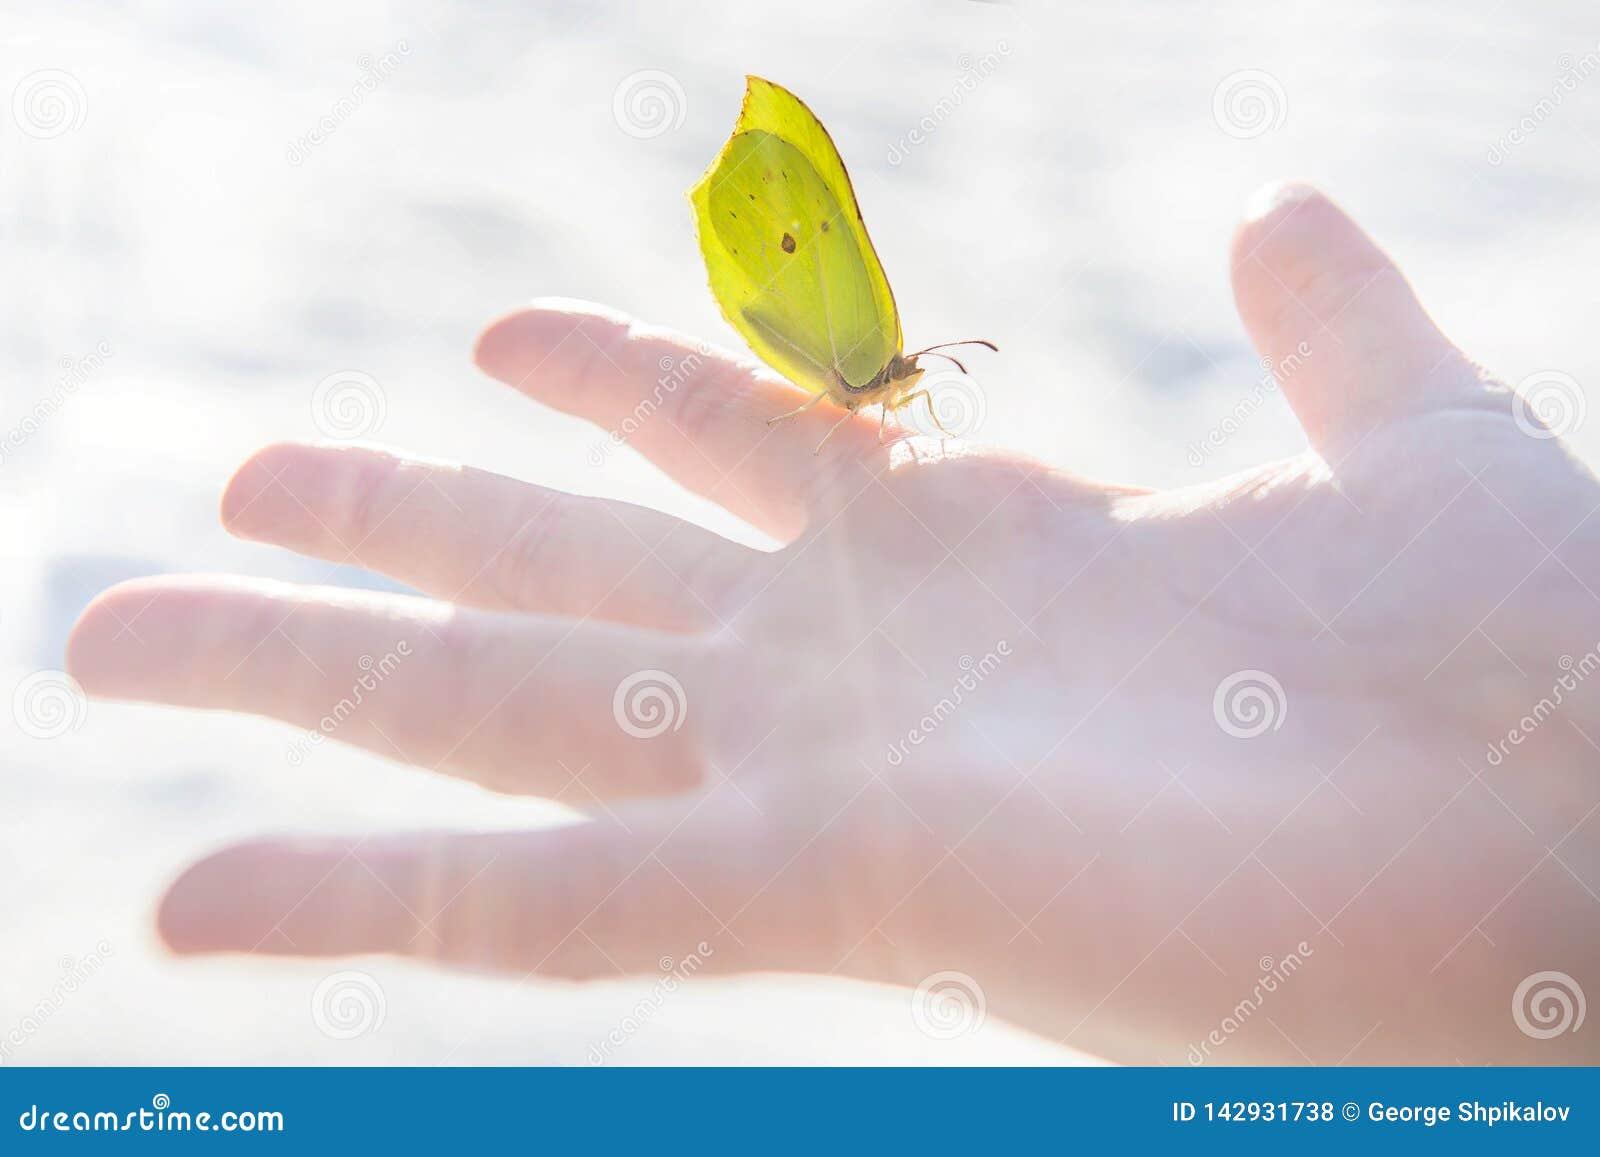 De eerste de lente gele vlinder zit calmly op de palm van een open kind tegen vage sneeuwachtergrond